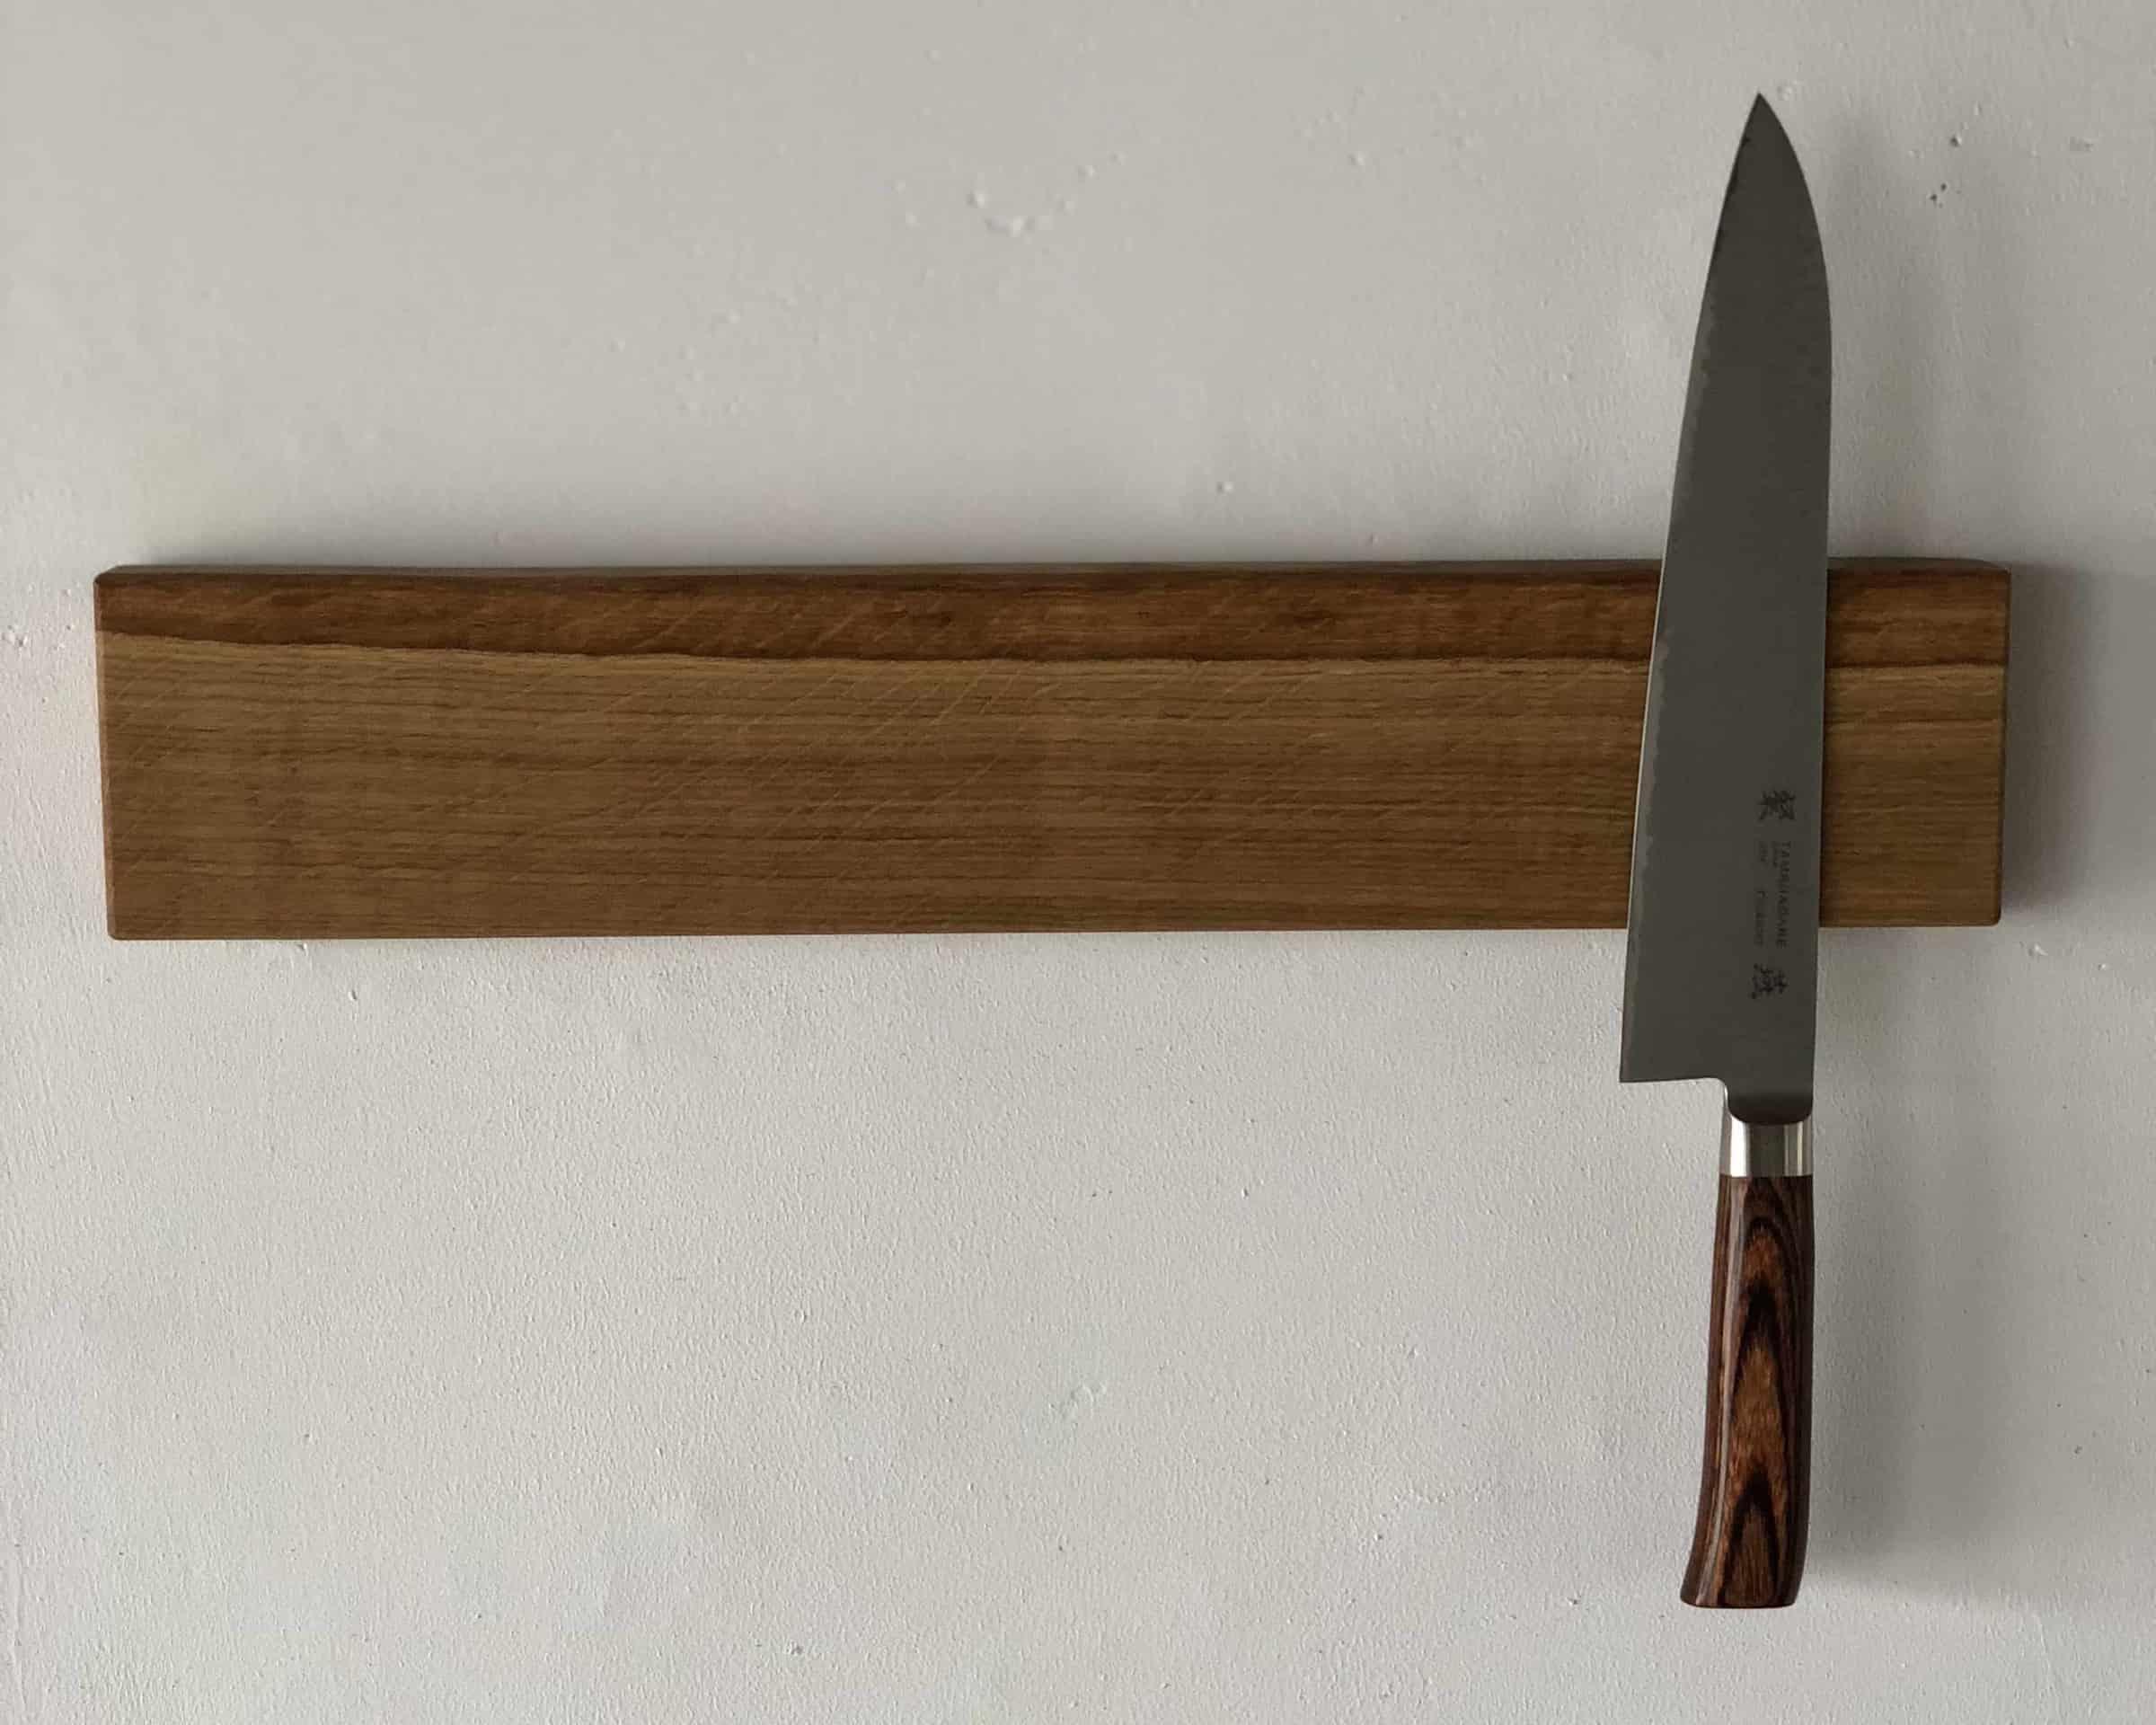 magnet til knive